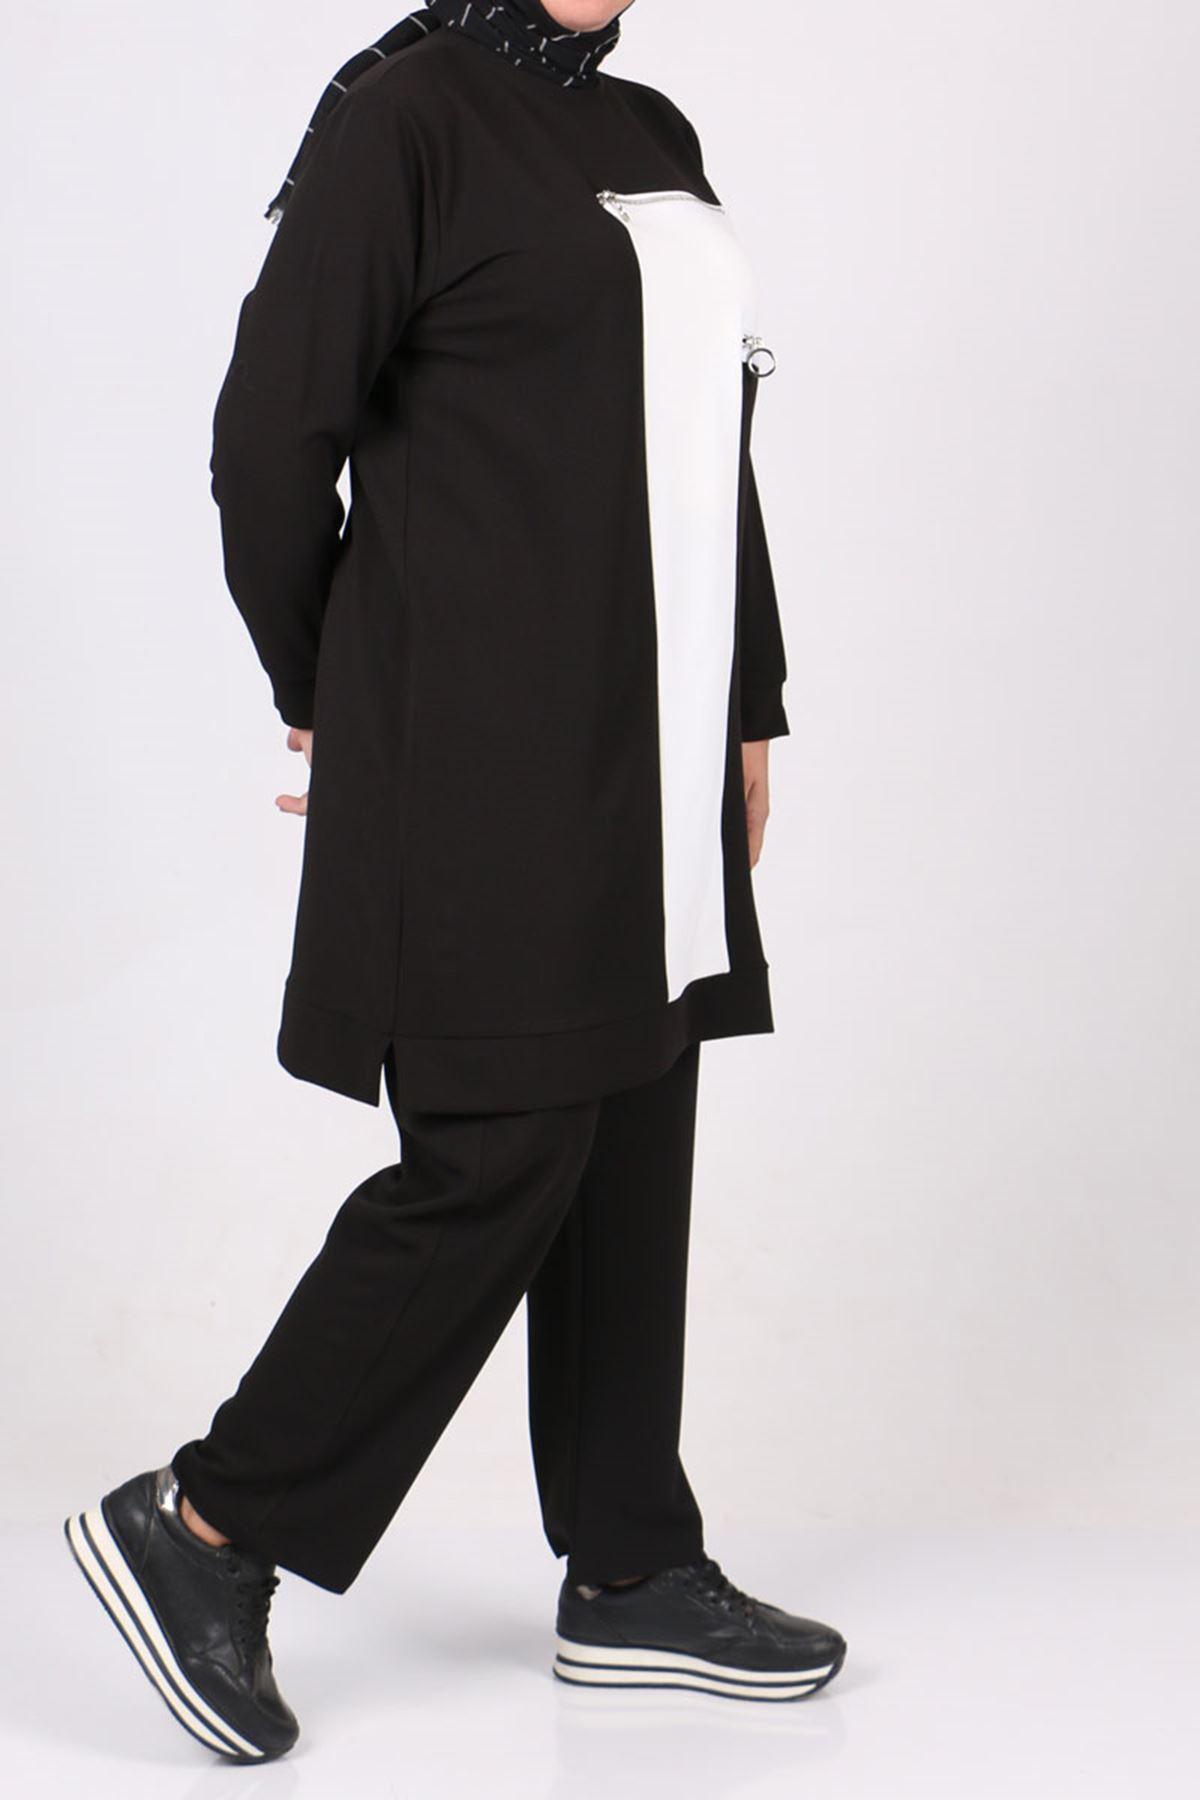 7716 Büyük Beden Scuba Beyaz Kombinli Pantolonlu Takım - Siyah